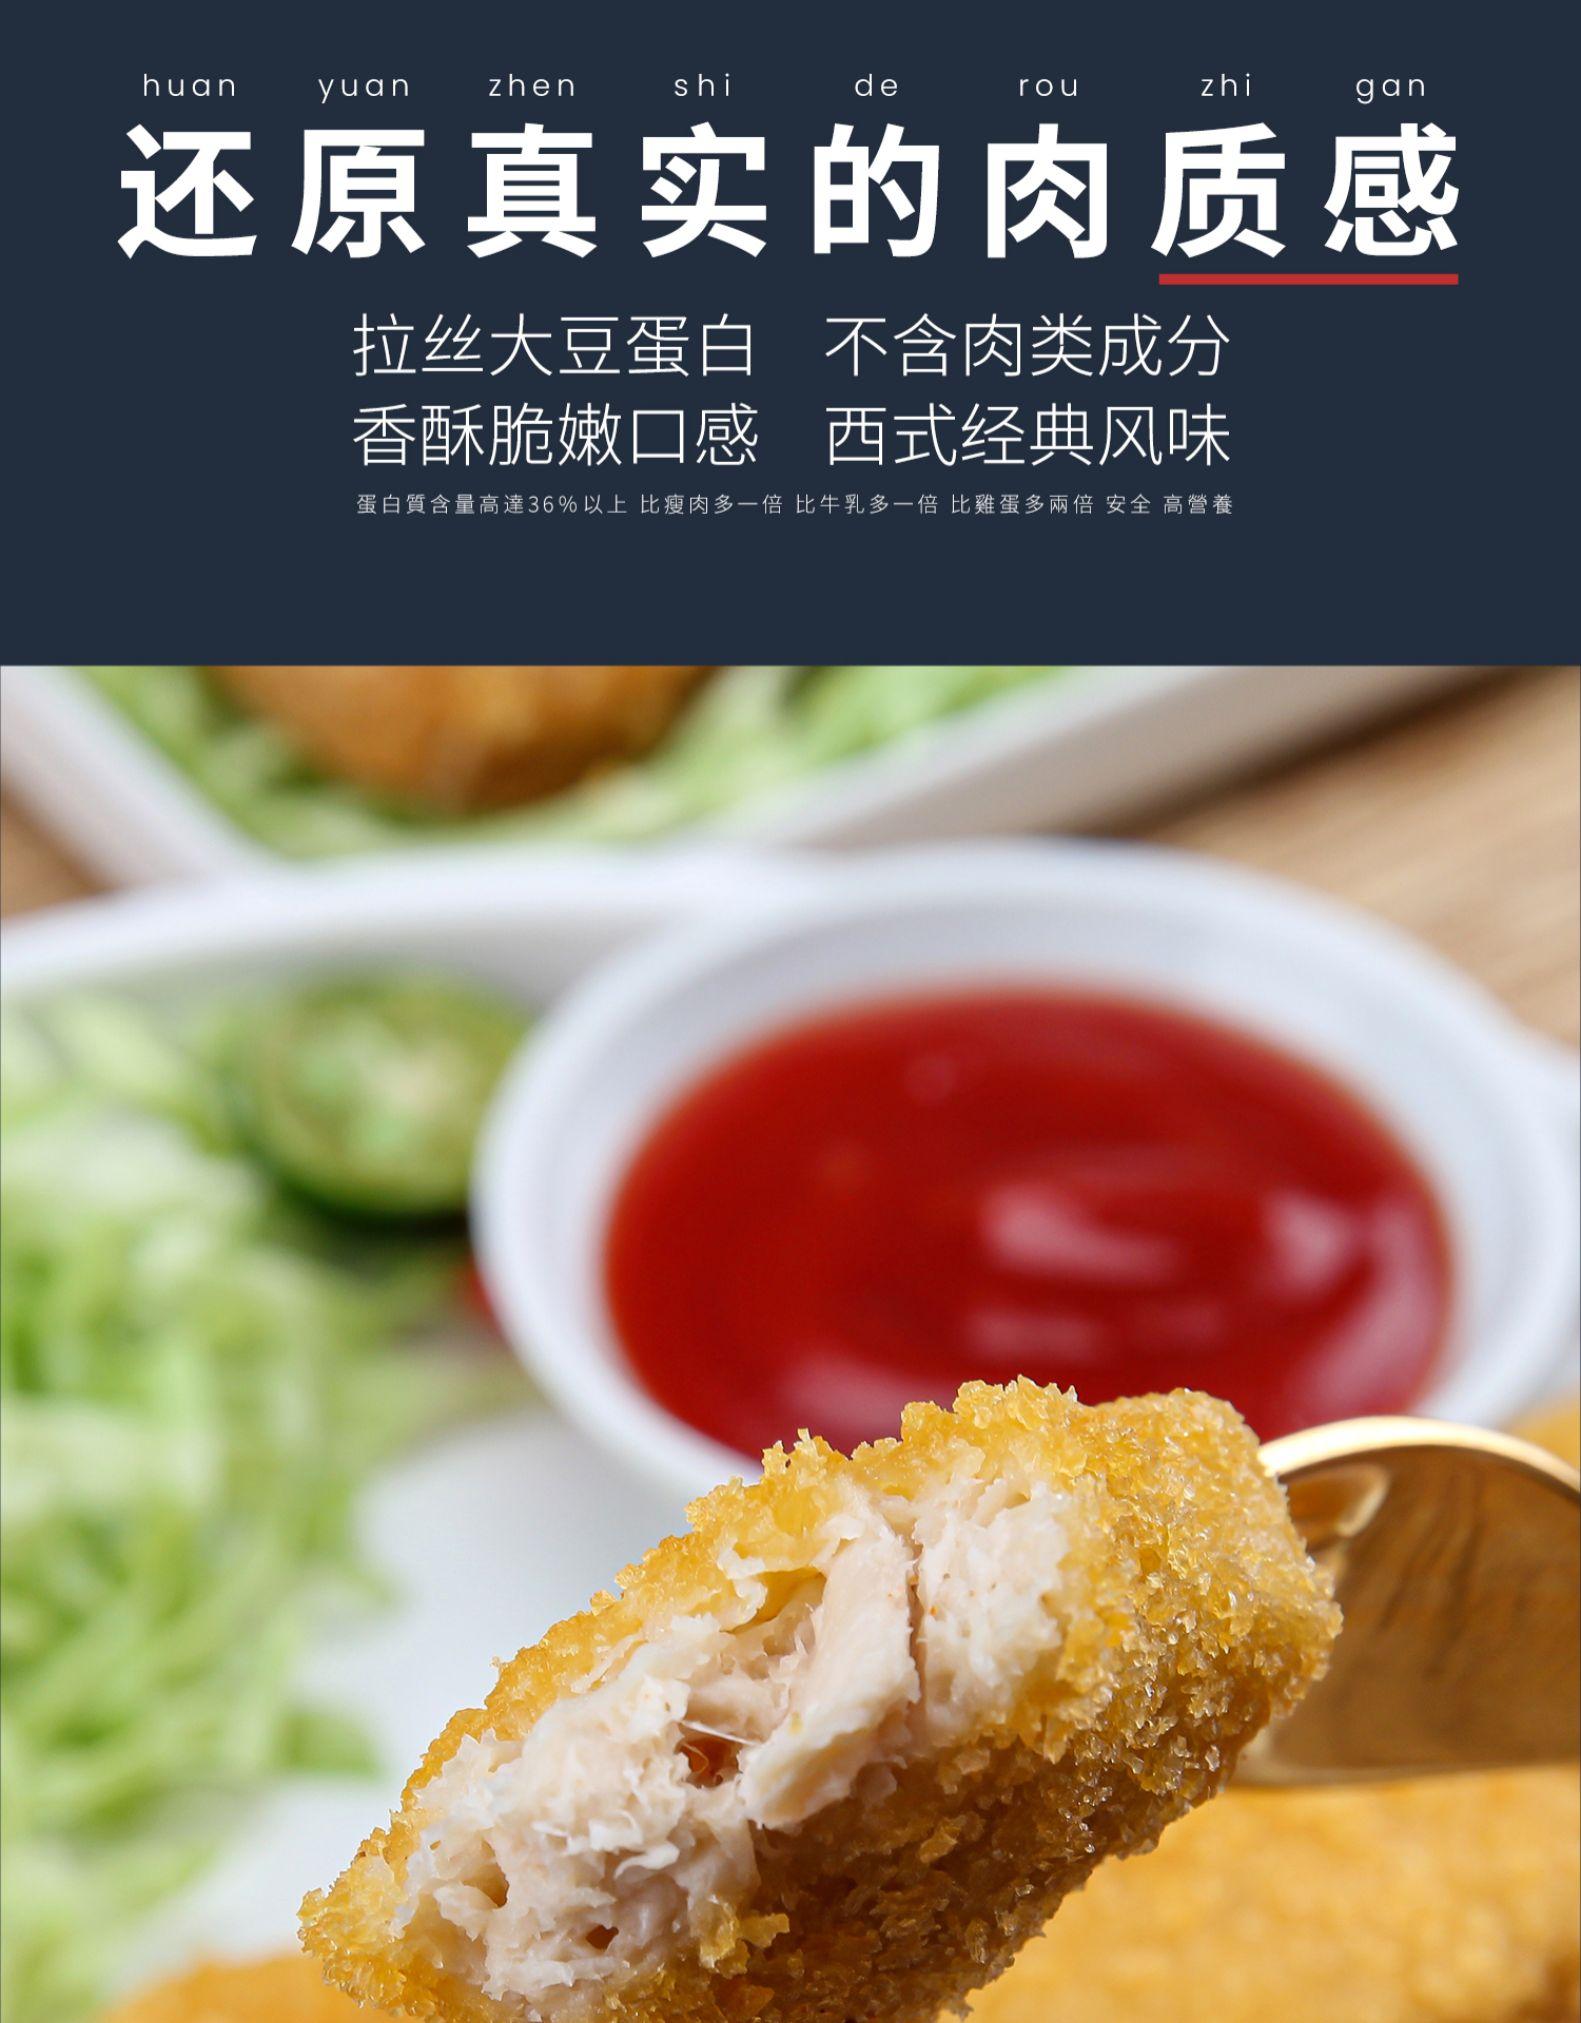 素一放牛吃草素鸡块辣鸡腿素食食品佛家纯素正品汉堡炸鸡素肉零食详细照片